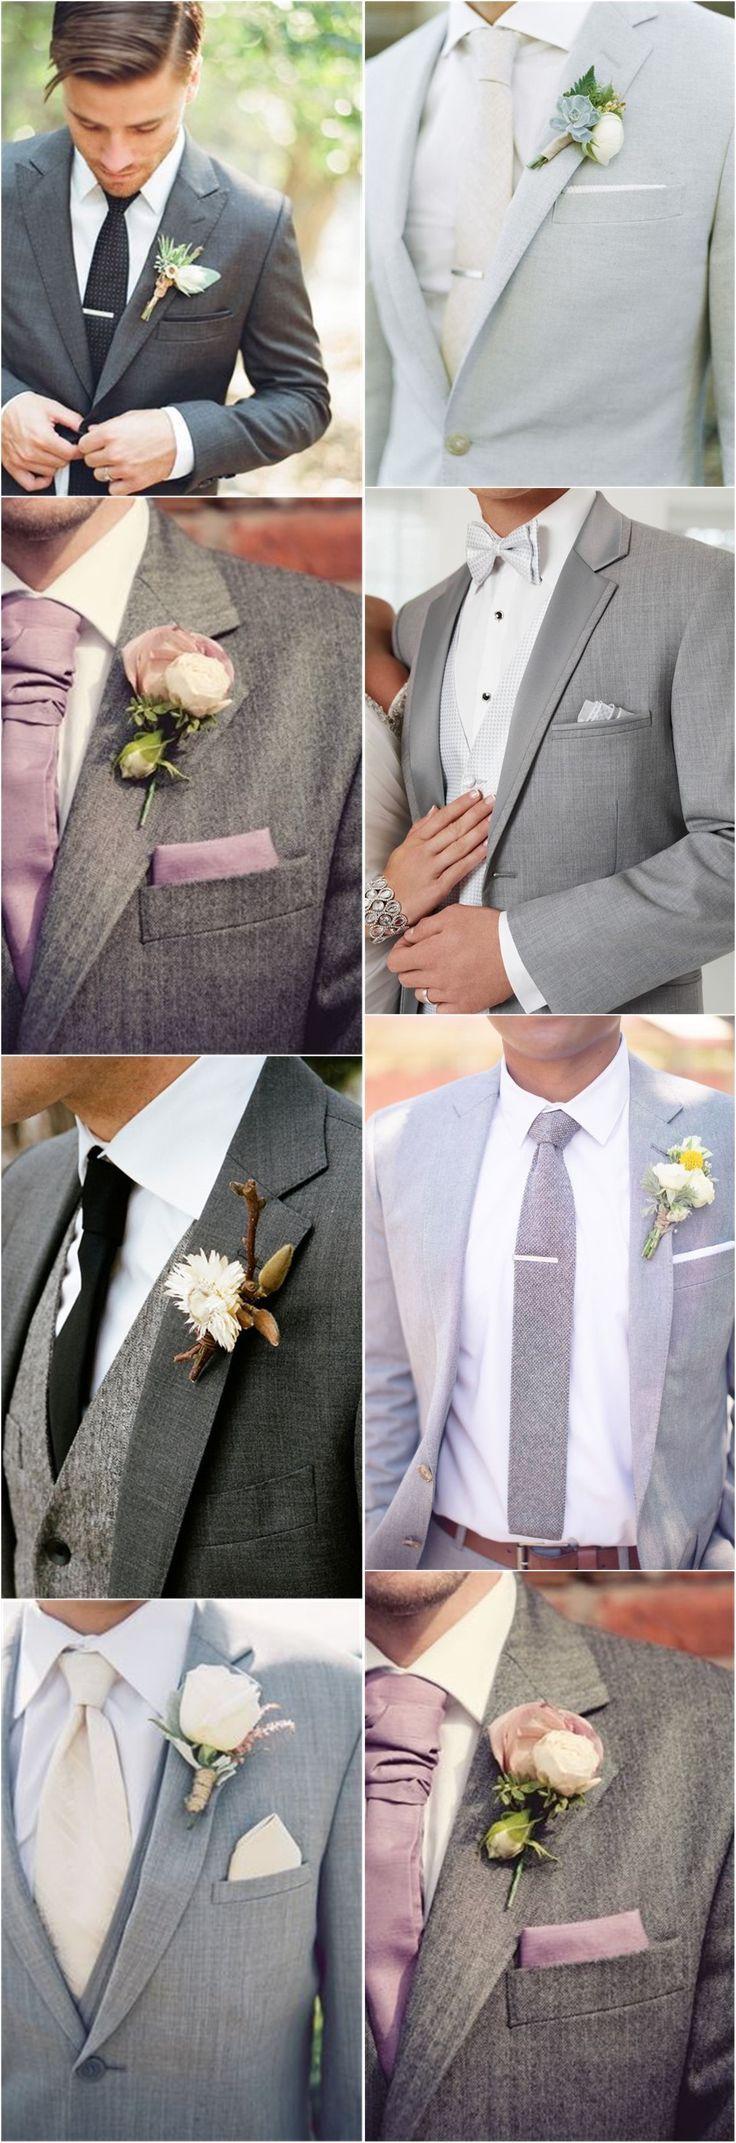 Hochzeitsideen »Bräutigam» 36 Bräutigam-Anzug, der Ihre einzigartigen Stile